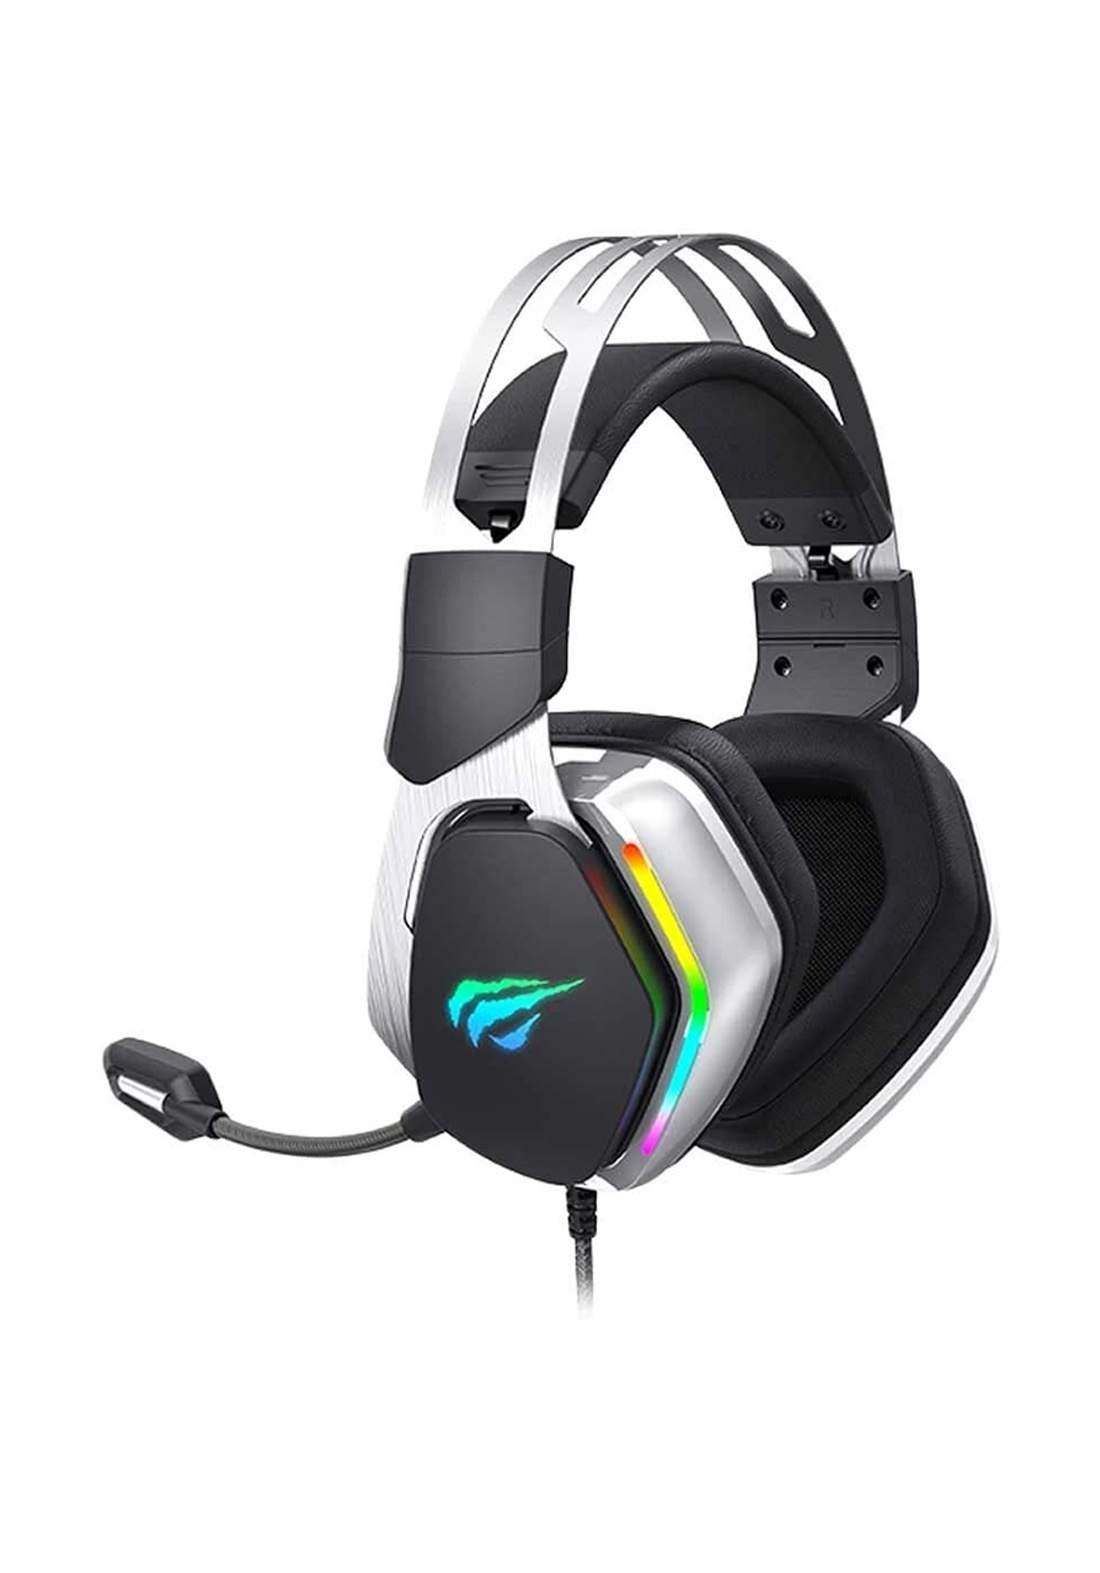 Havit H2018U Gaming Headphone - Black